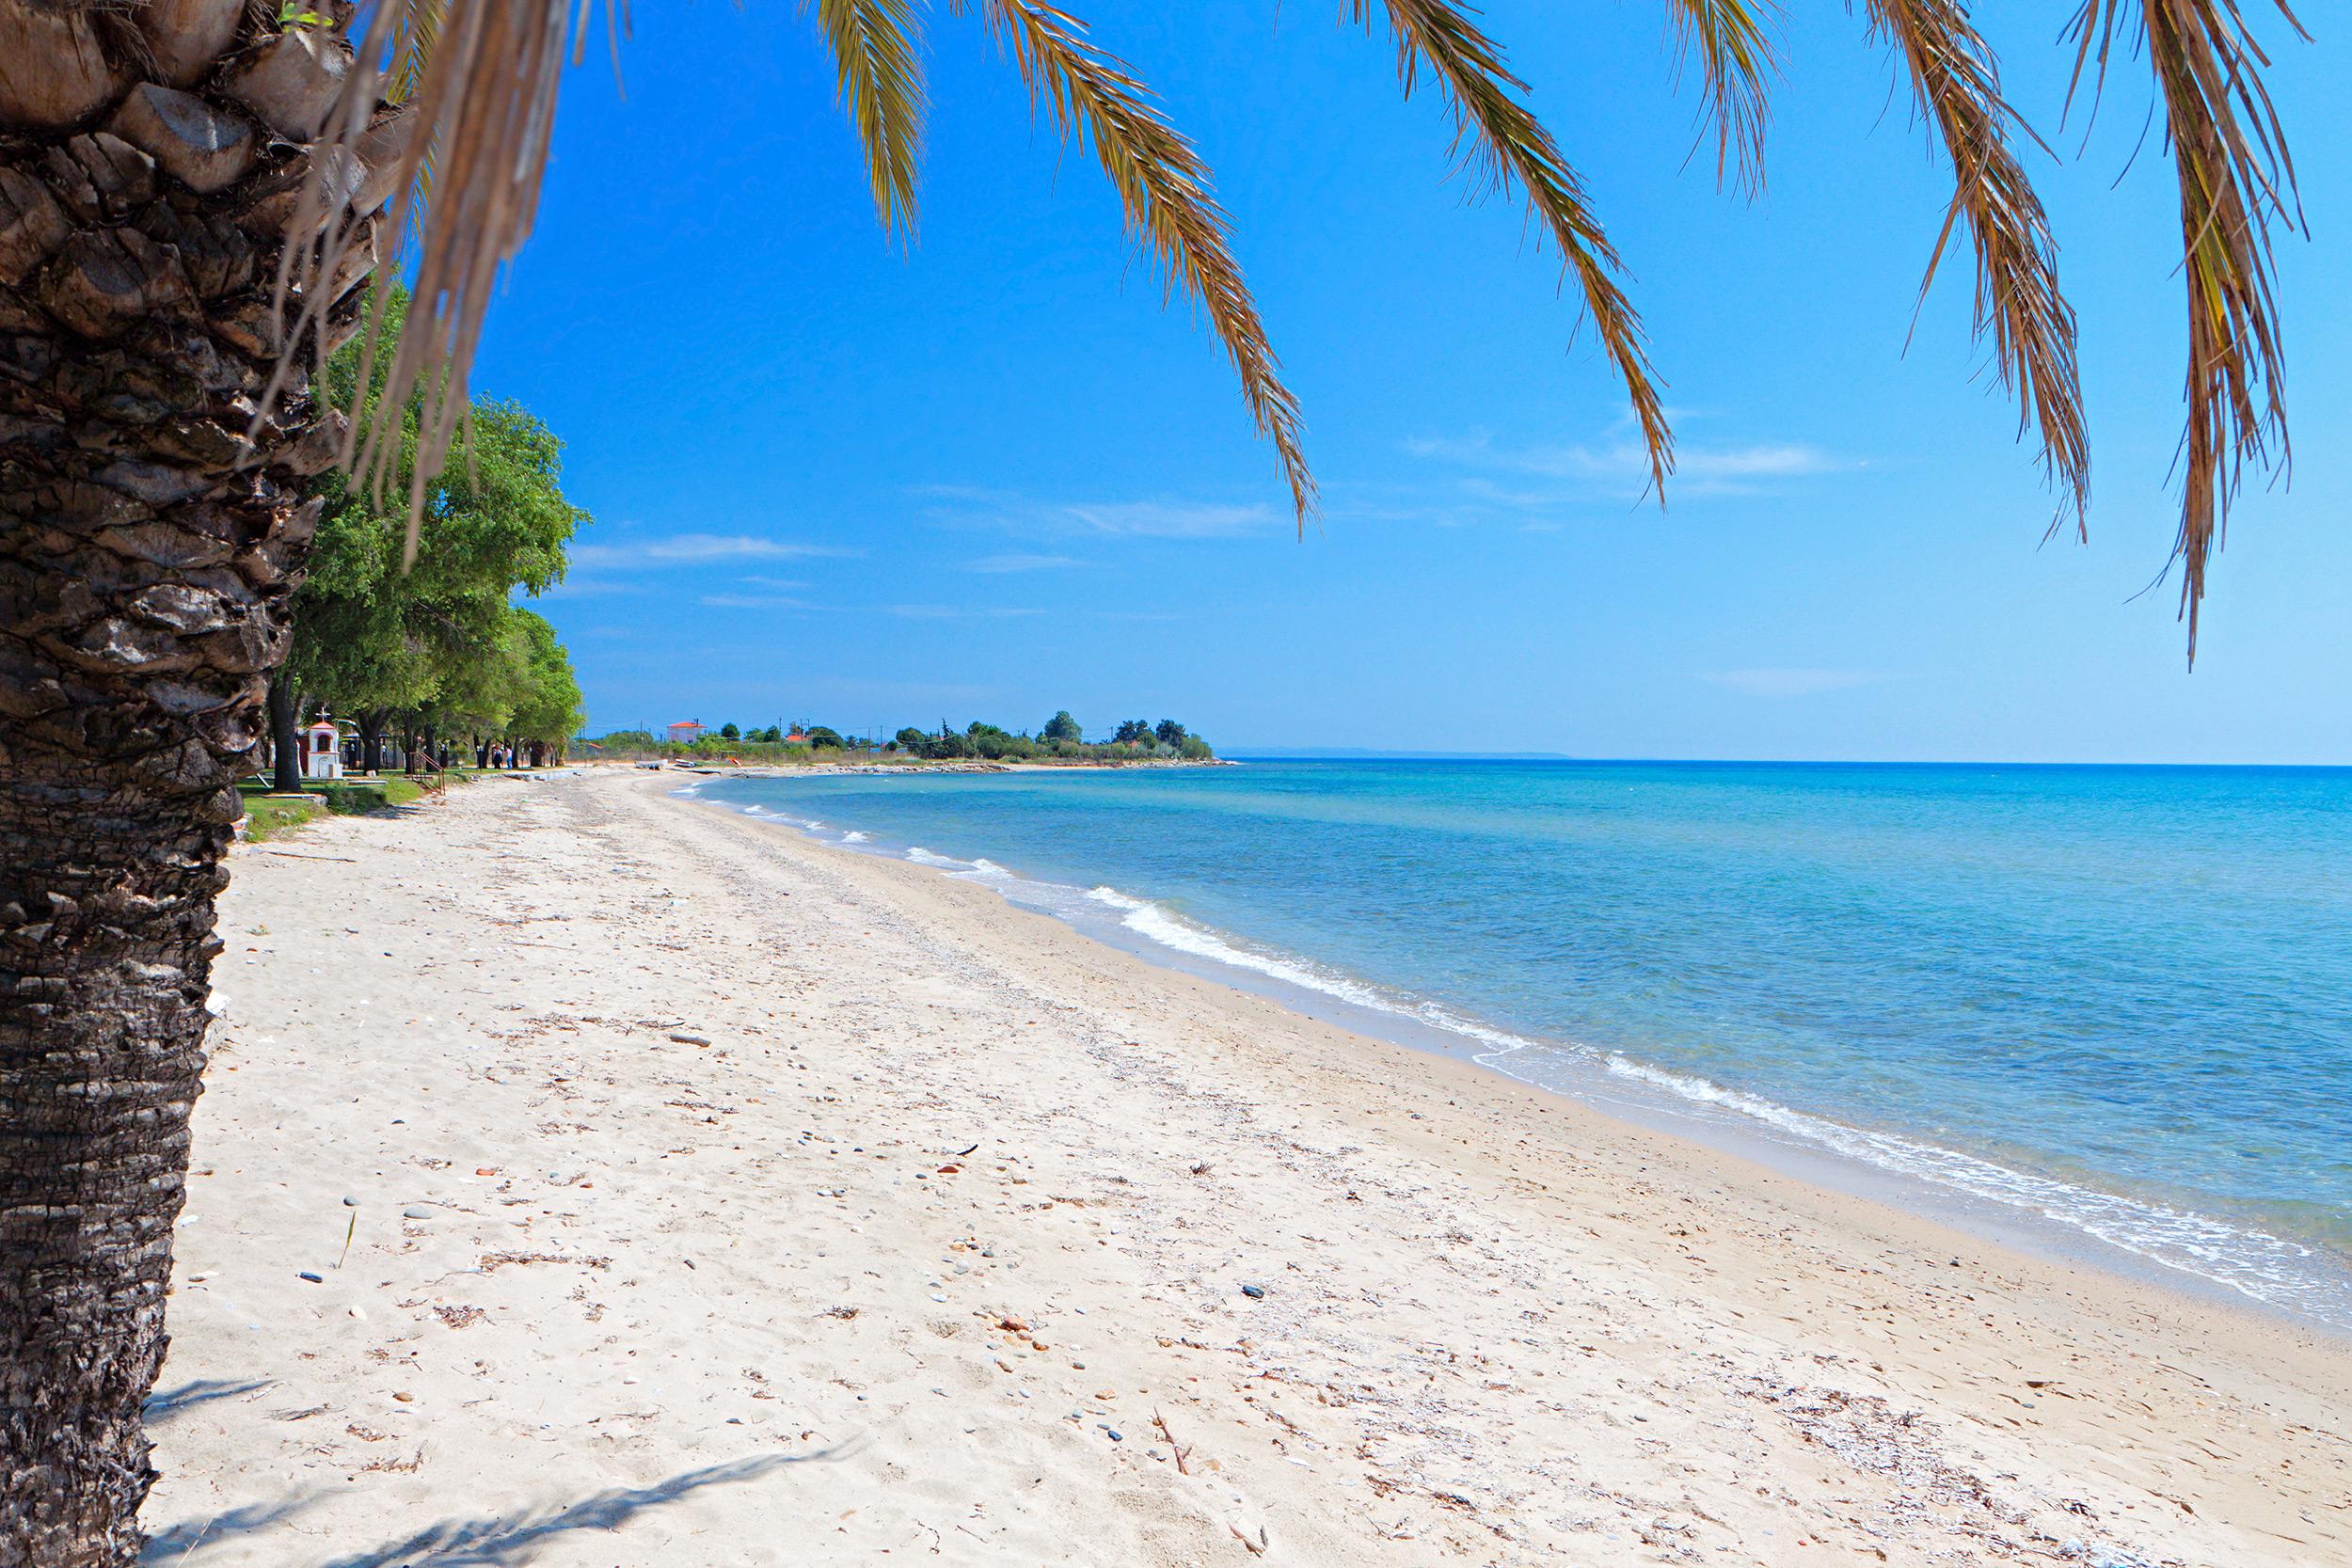 Griechenland Chalkidiki Strand Error Fare Opt Tage In Einer Riesigen Luxusvilla Auf Der